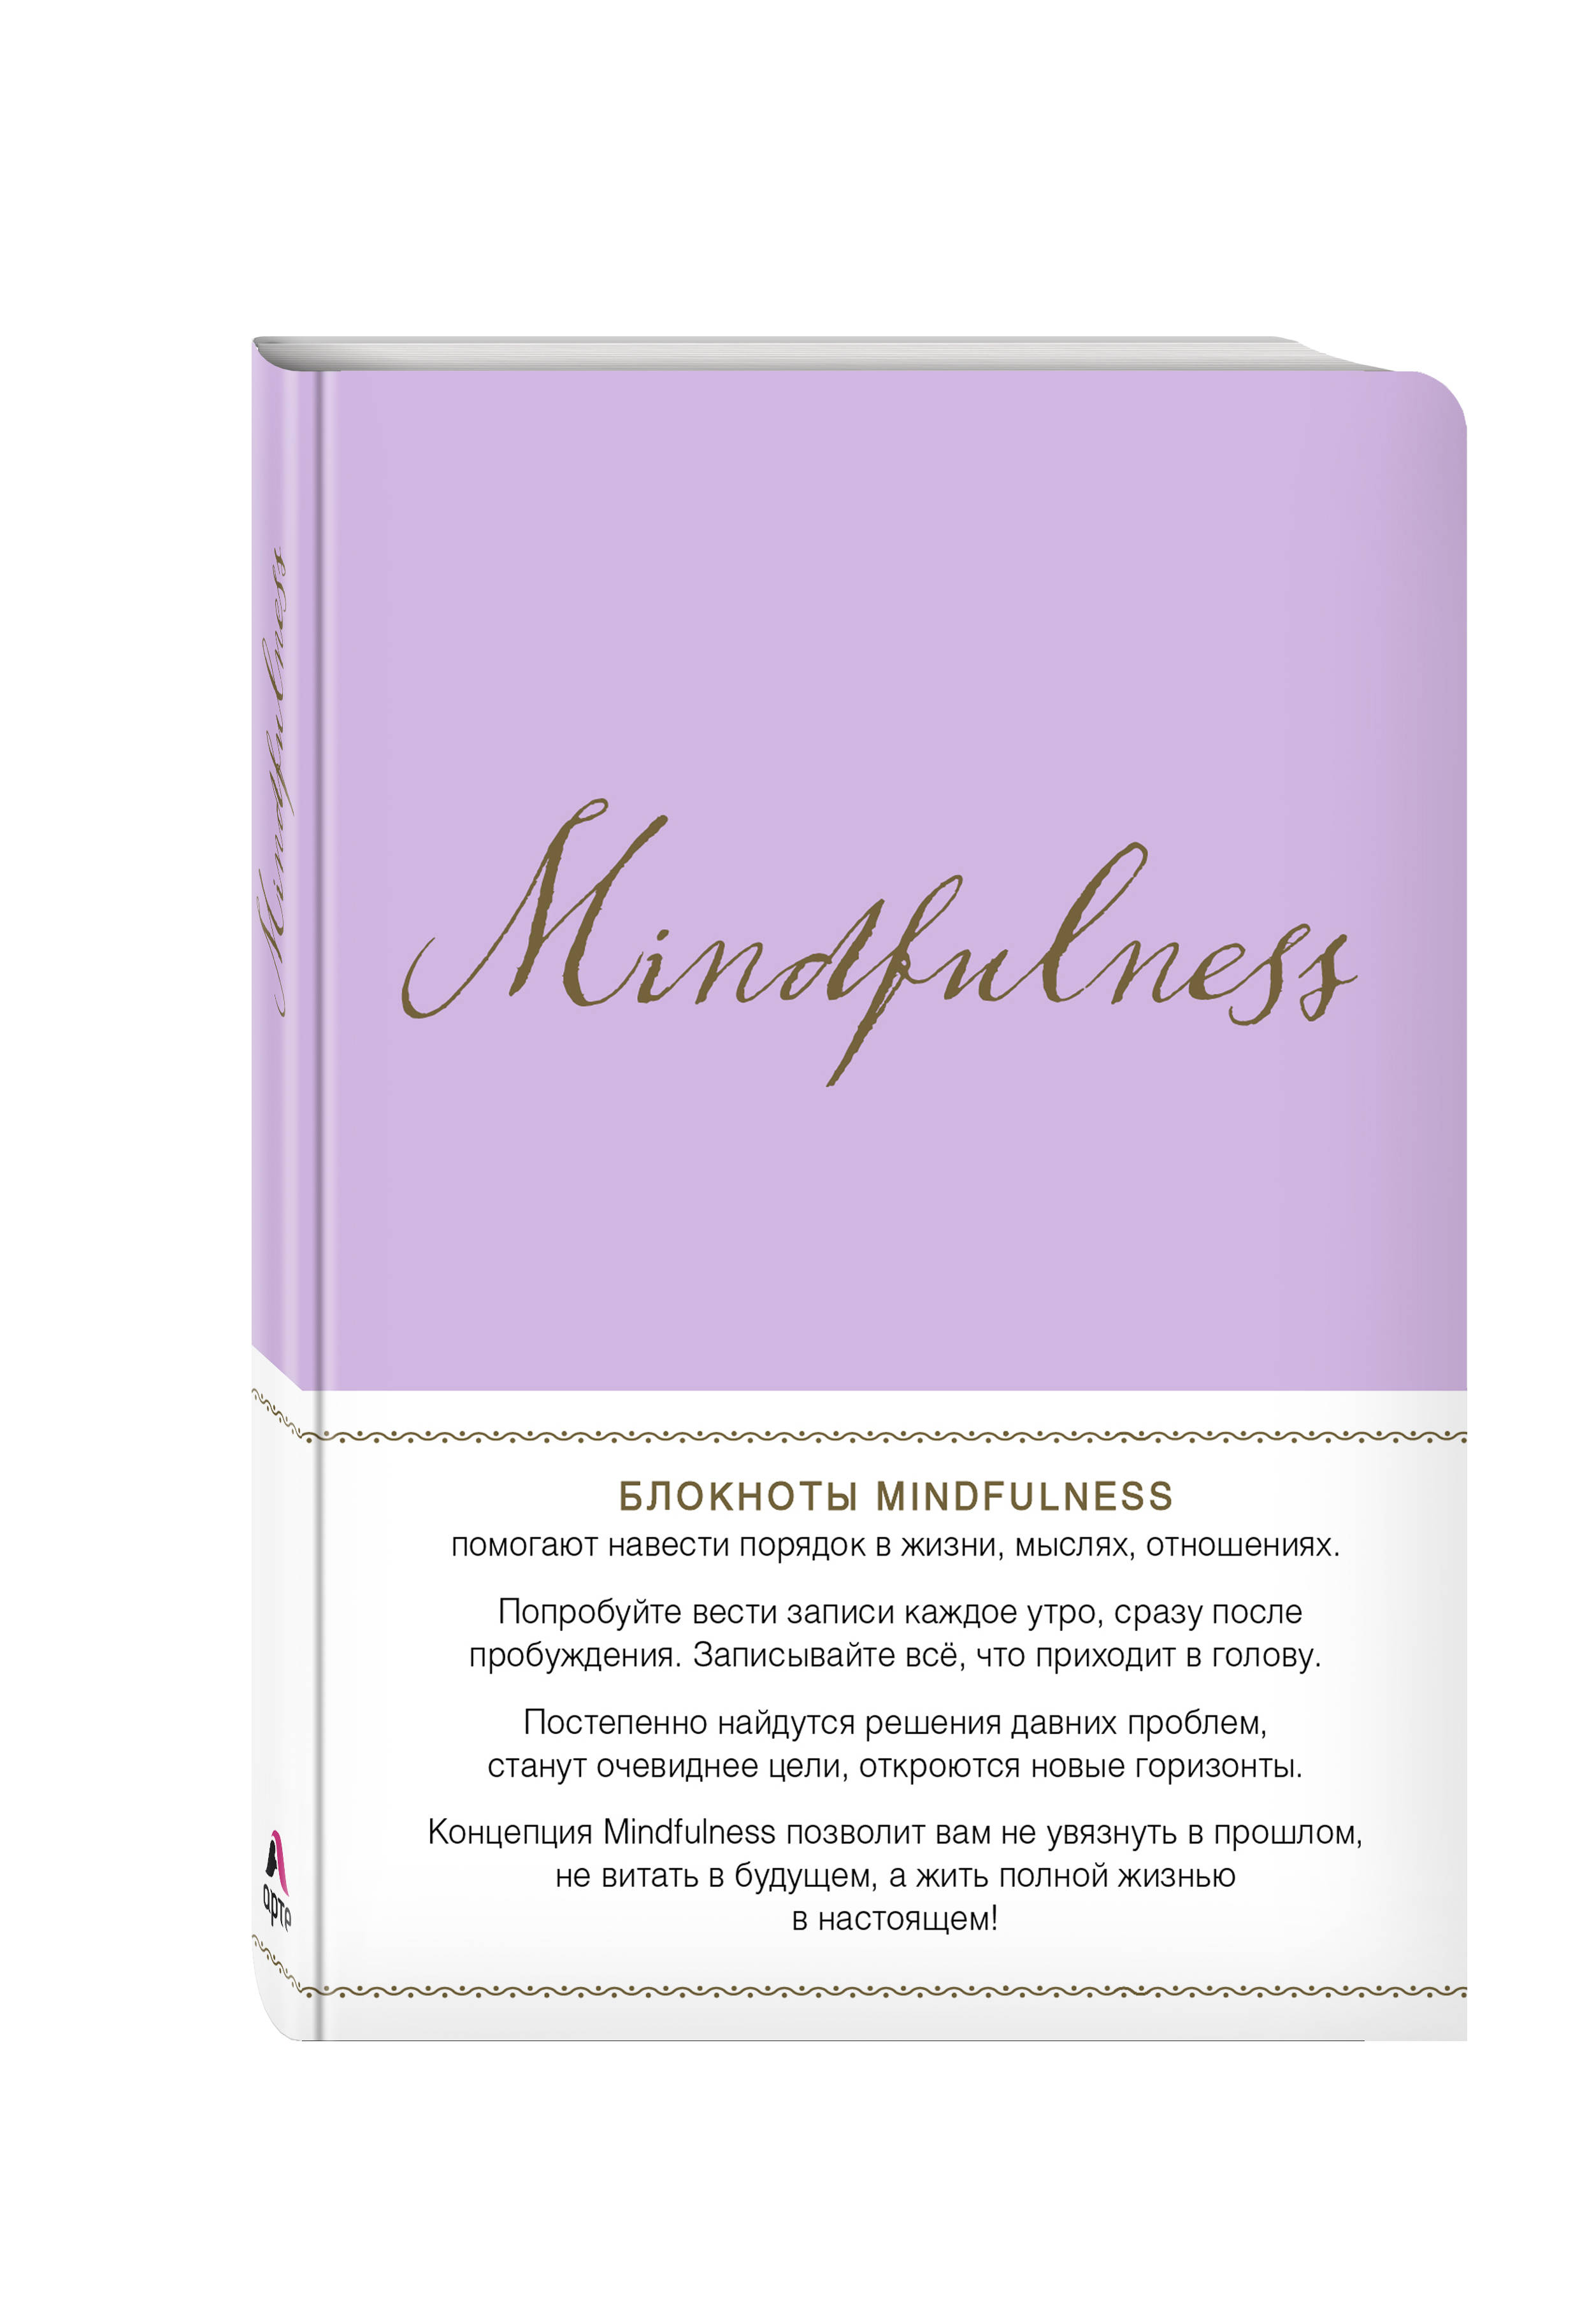 Mindfulness. Утренние страницы (лаванда) (скругленные углы) (Арте) mind ulness утренние страницы лимон скругленные углы